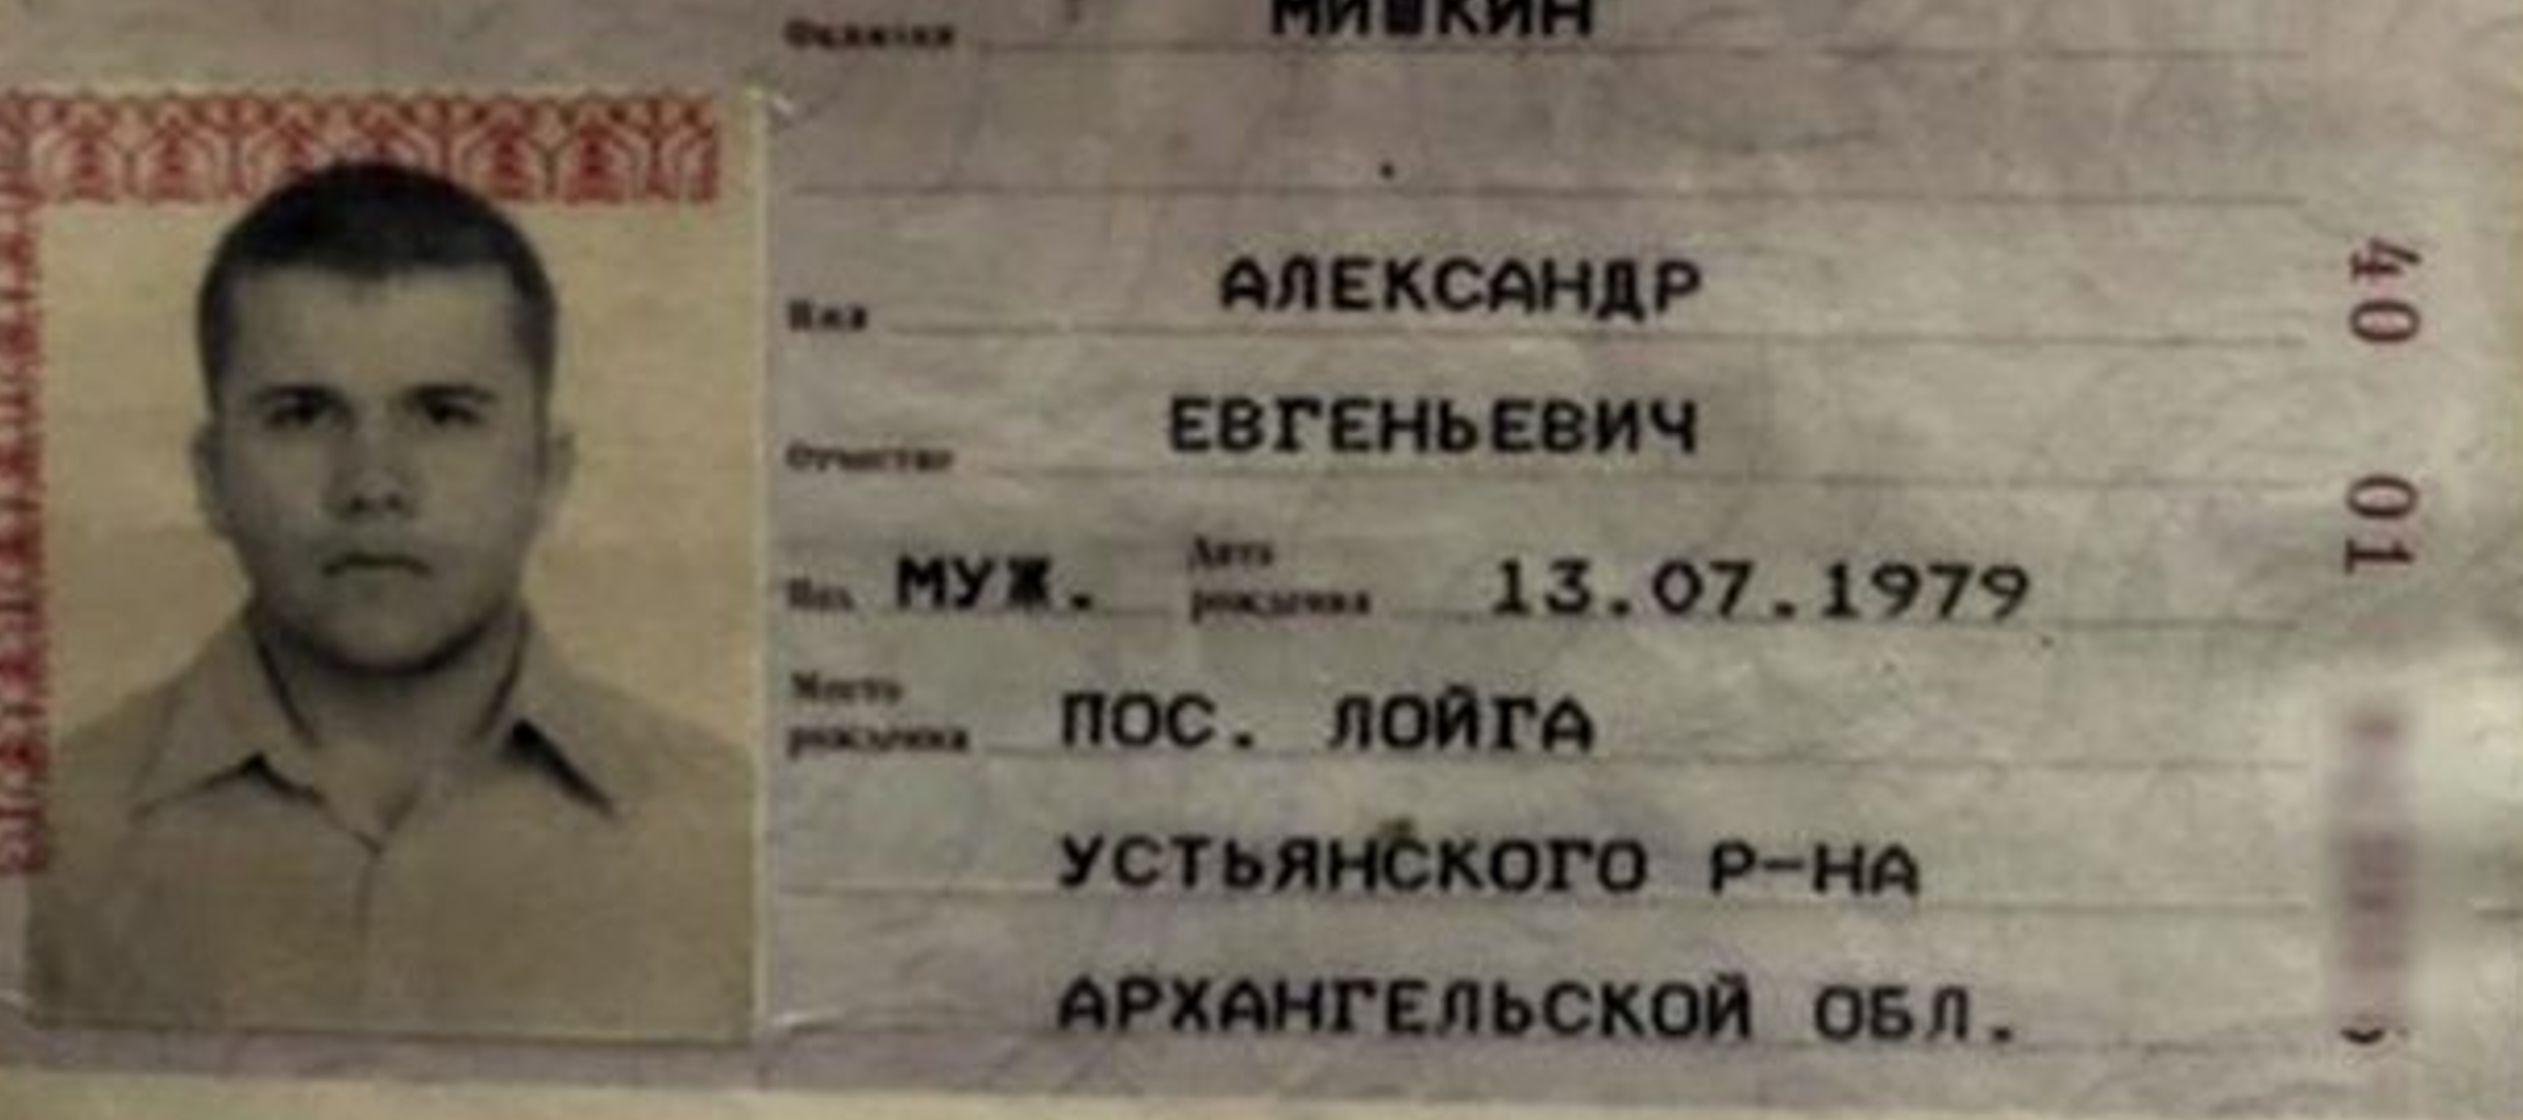 El hombre al que las autoridades identificaron como Alexander Petrov es en realidad Alexander...